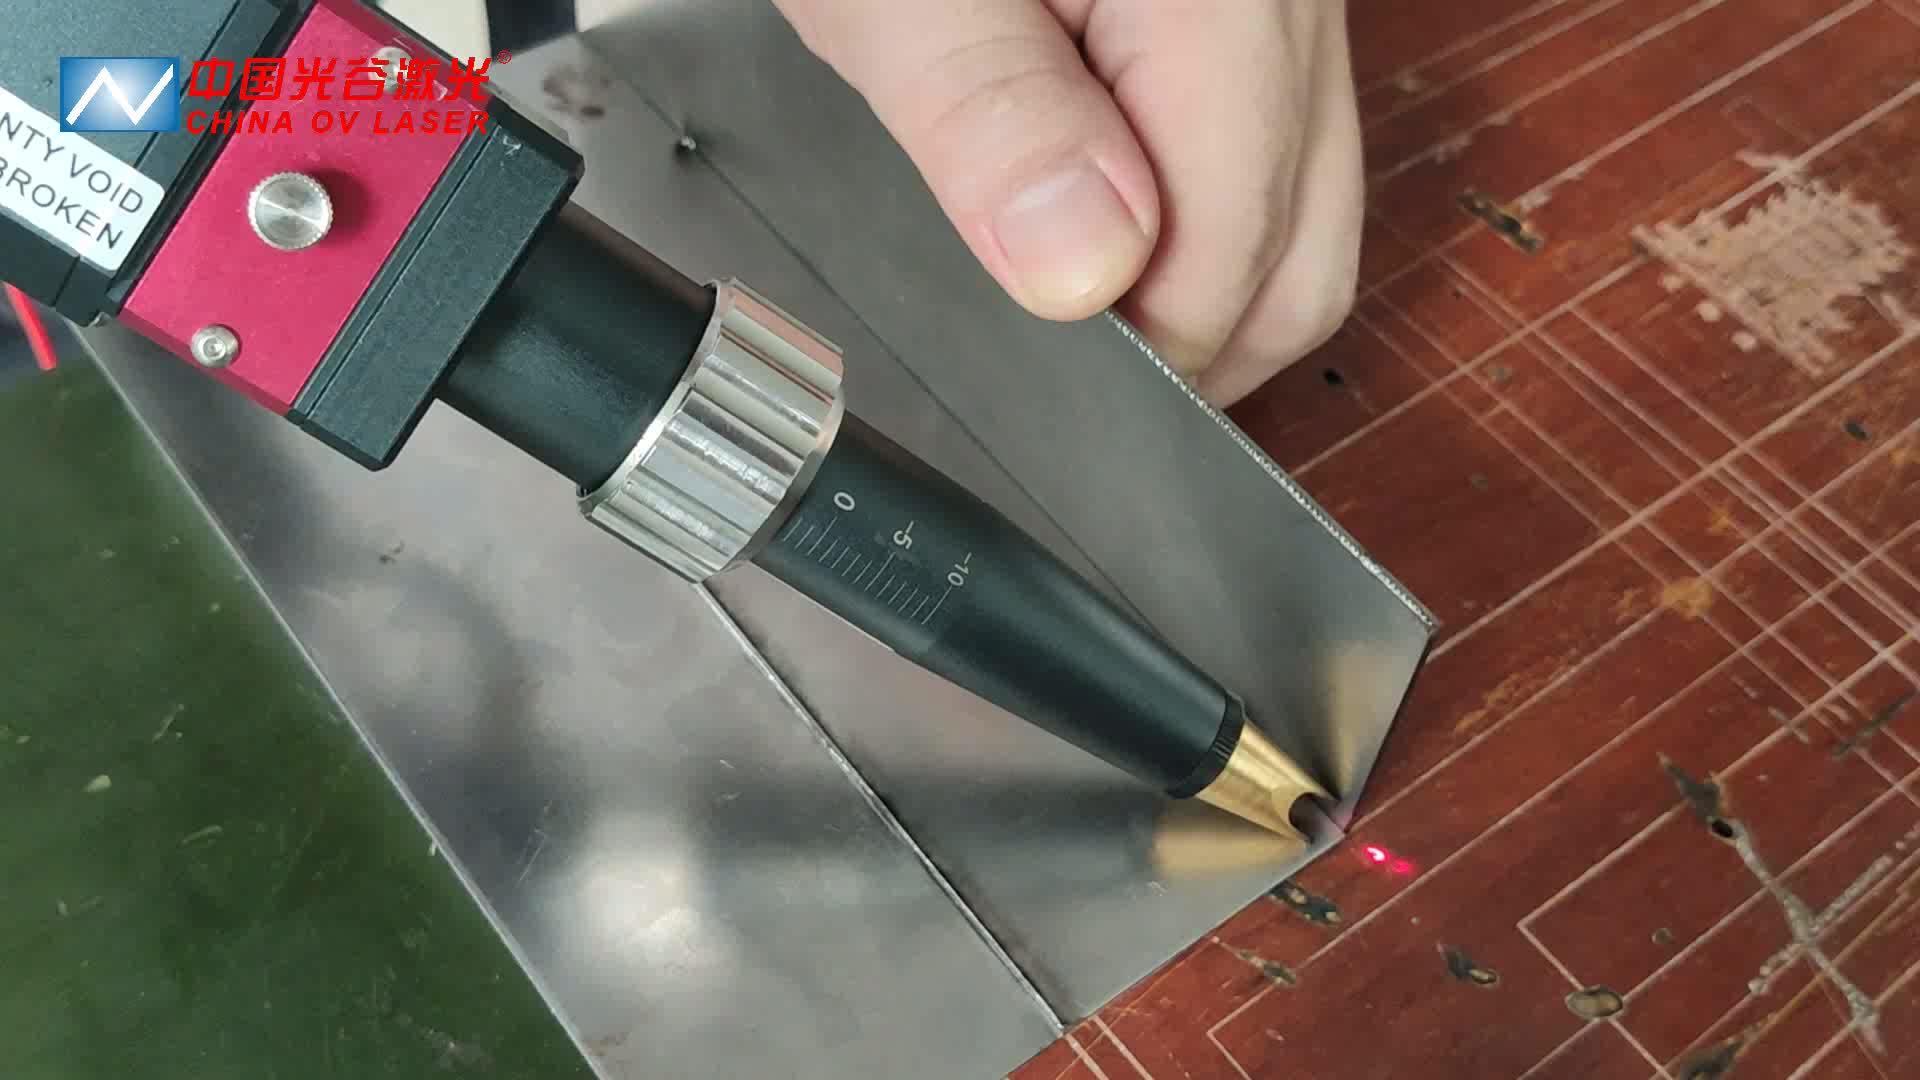 500w 1000w ليزر محمول ماكينة لحام ل الفولاذ المقاوم للصدأ و سبائك الألومنيوم من OV الليزر